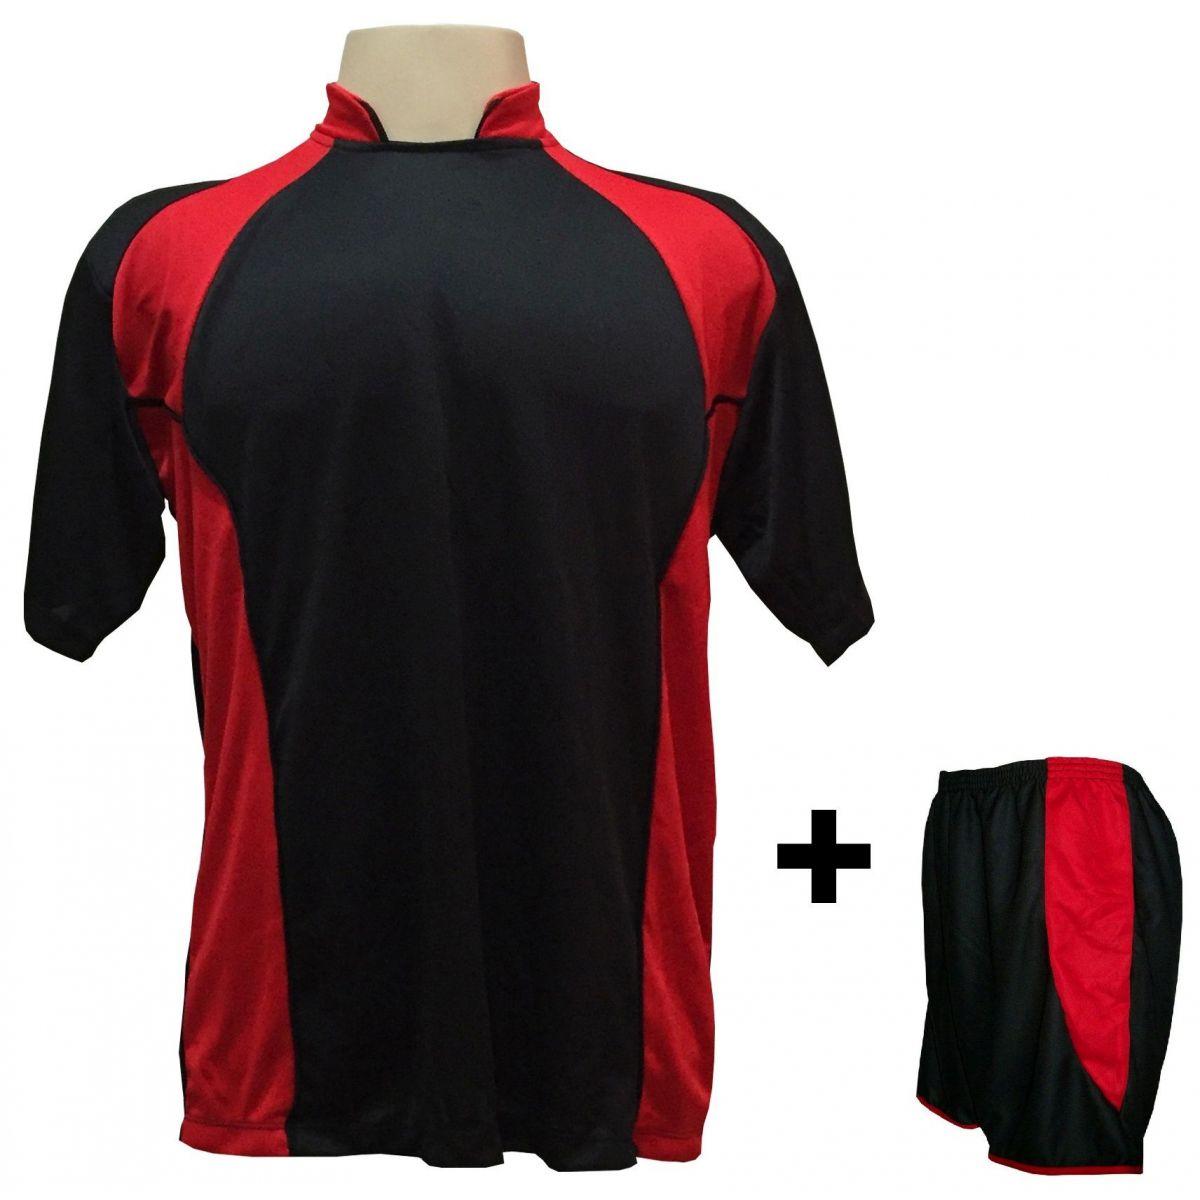 Uniforme Esportivo modelo Suécia 14+1 (14 Camisas Preto Vermelho + 14  Calções modelo Copa Preto Vermelho + 1 Conjunto de Goleiro) - Frete Grátis  Brasil + ... 2b1a5d3806001